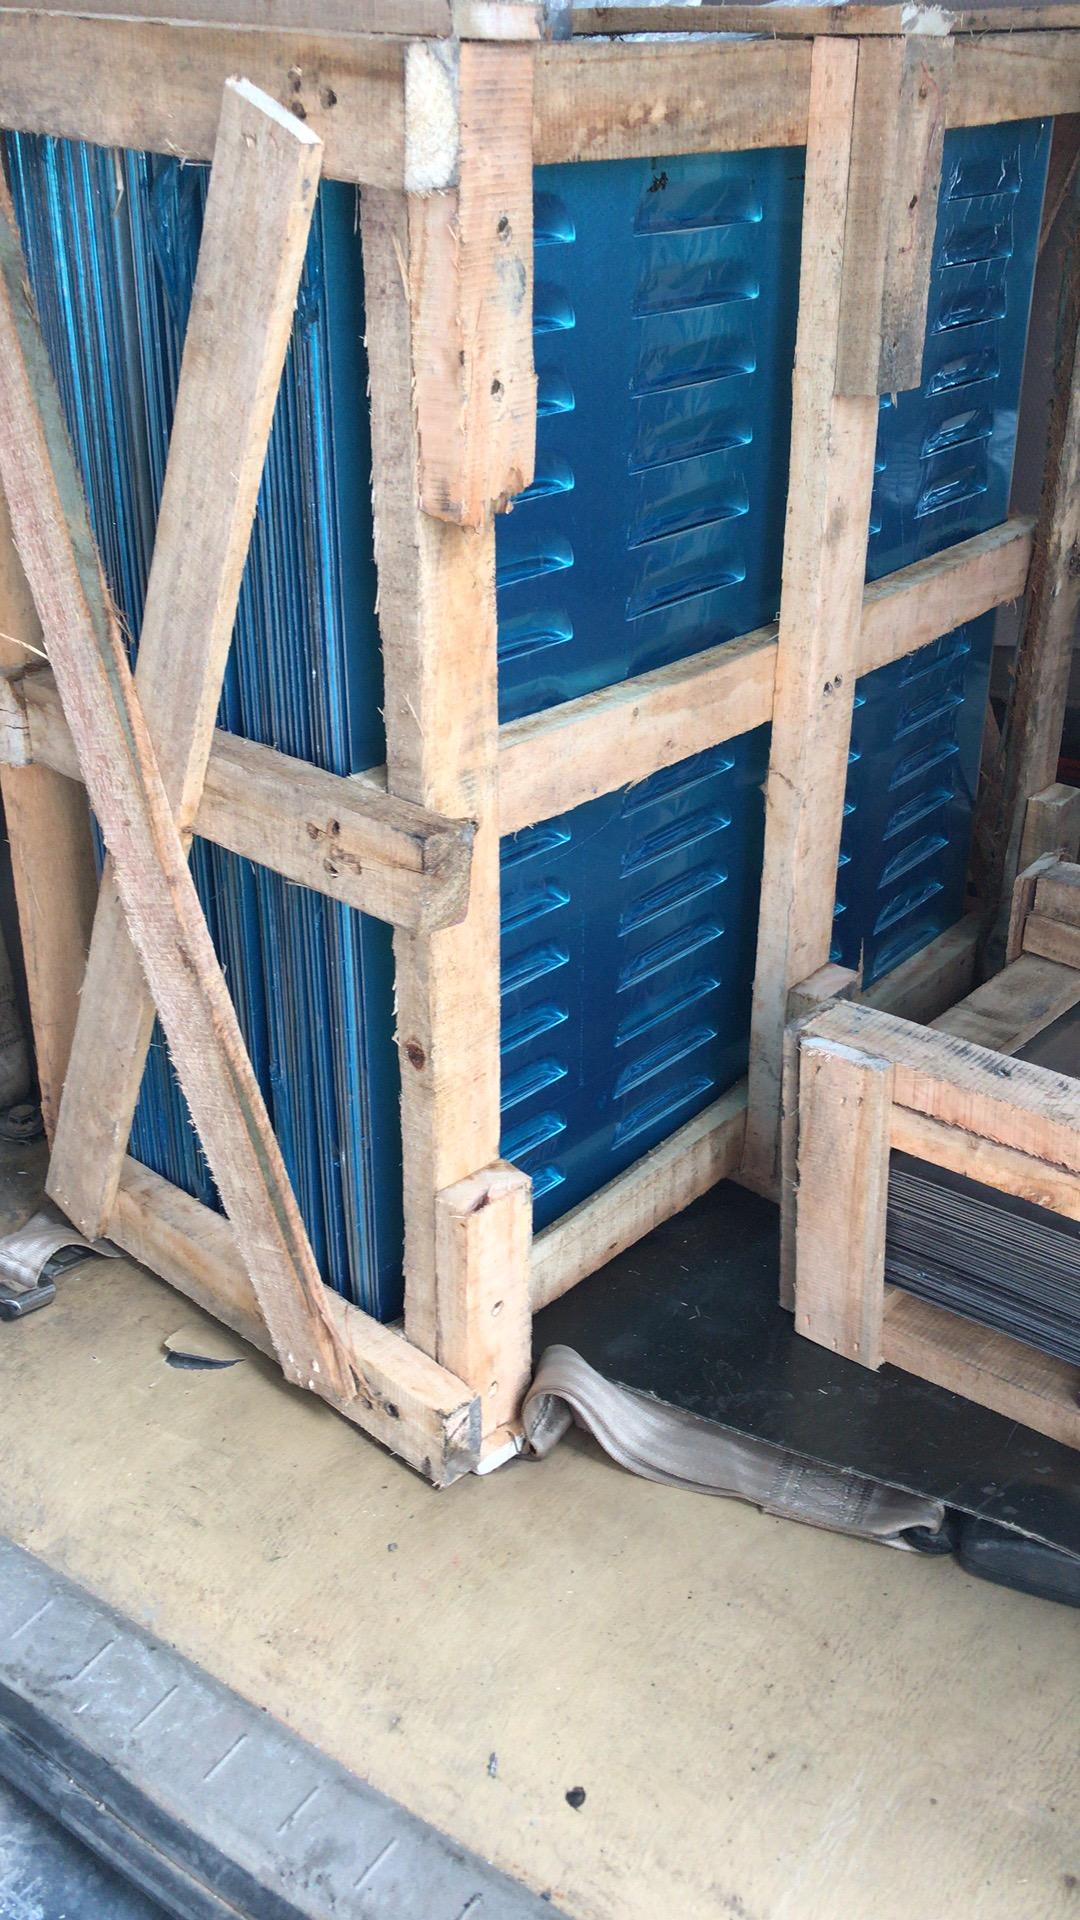 不锈钢外墙防雨通风口排出风口回进检查散热风气口百叶窗格栅盖板